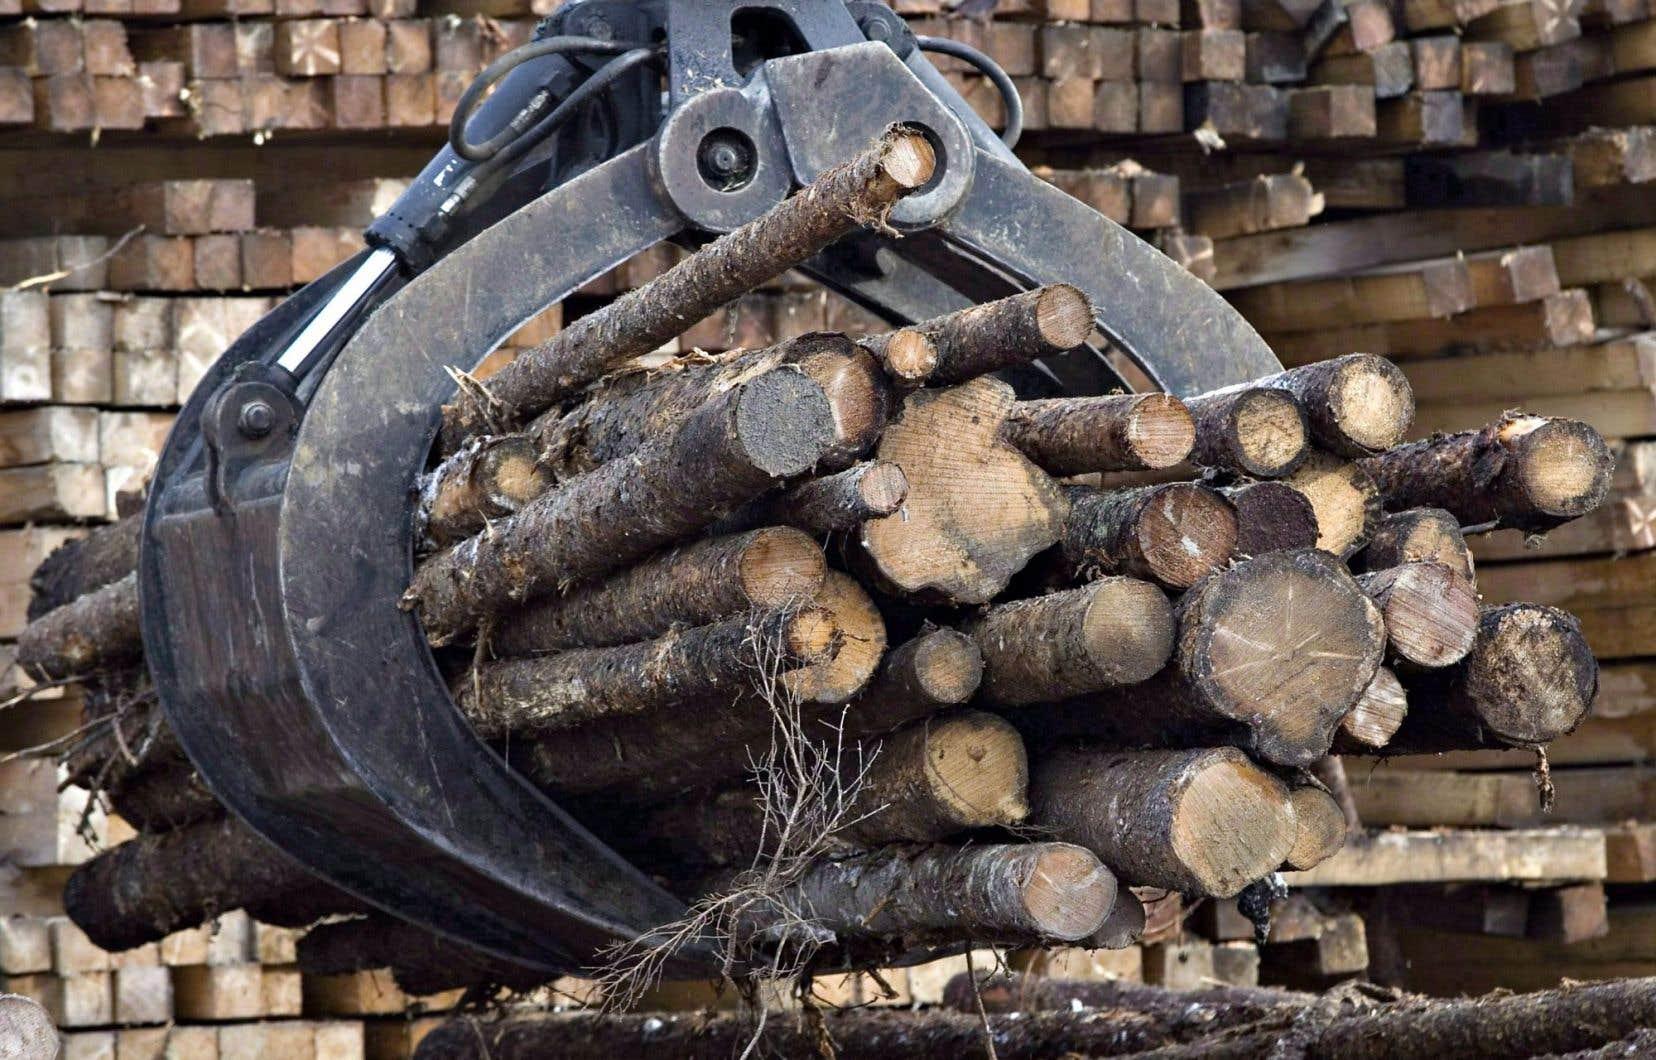 Les investissements annoncés lundi sont axés notamment sur l'entretien des zones en exploitation, la planification forestière, l'exécution, le suivi et le contrôle des interventions en forêt.